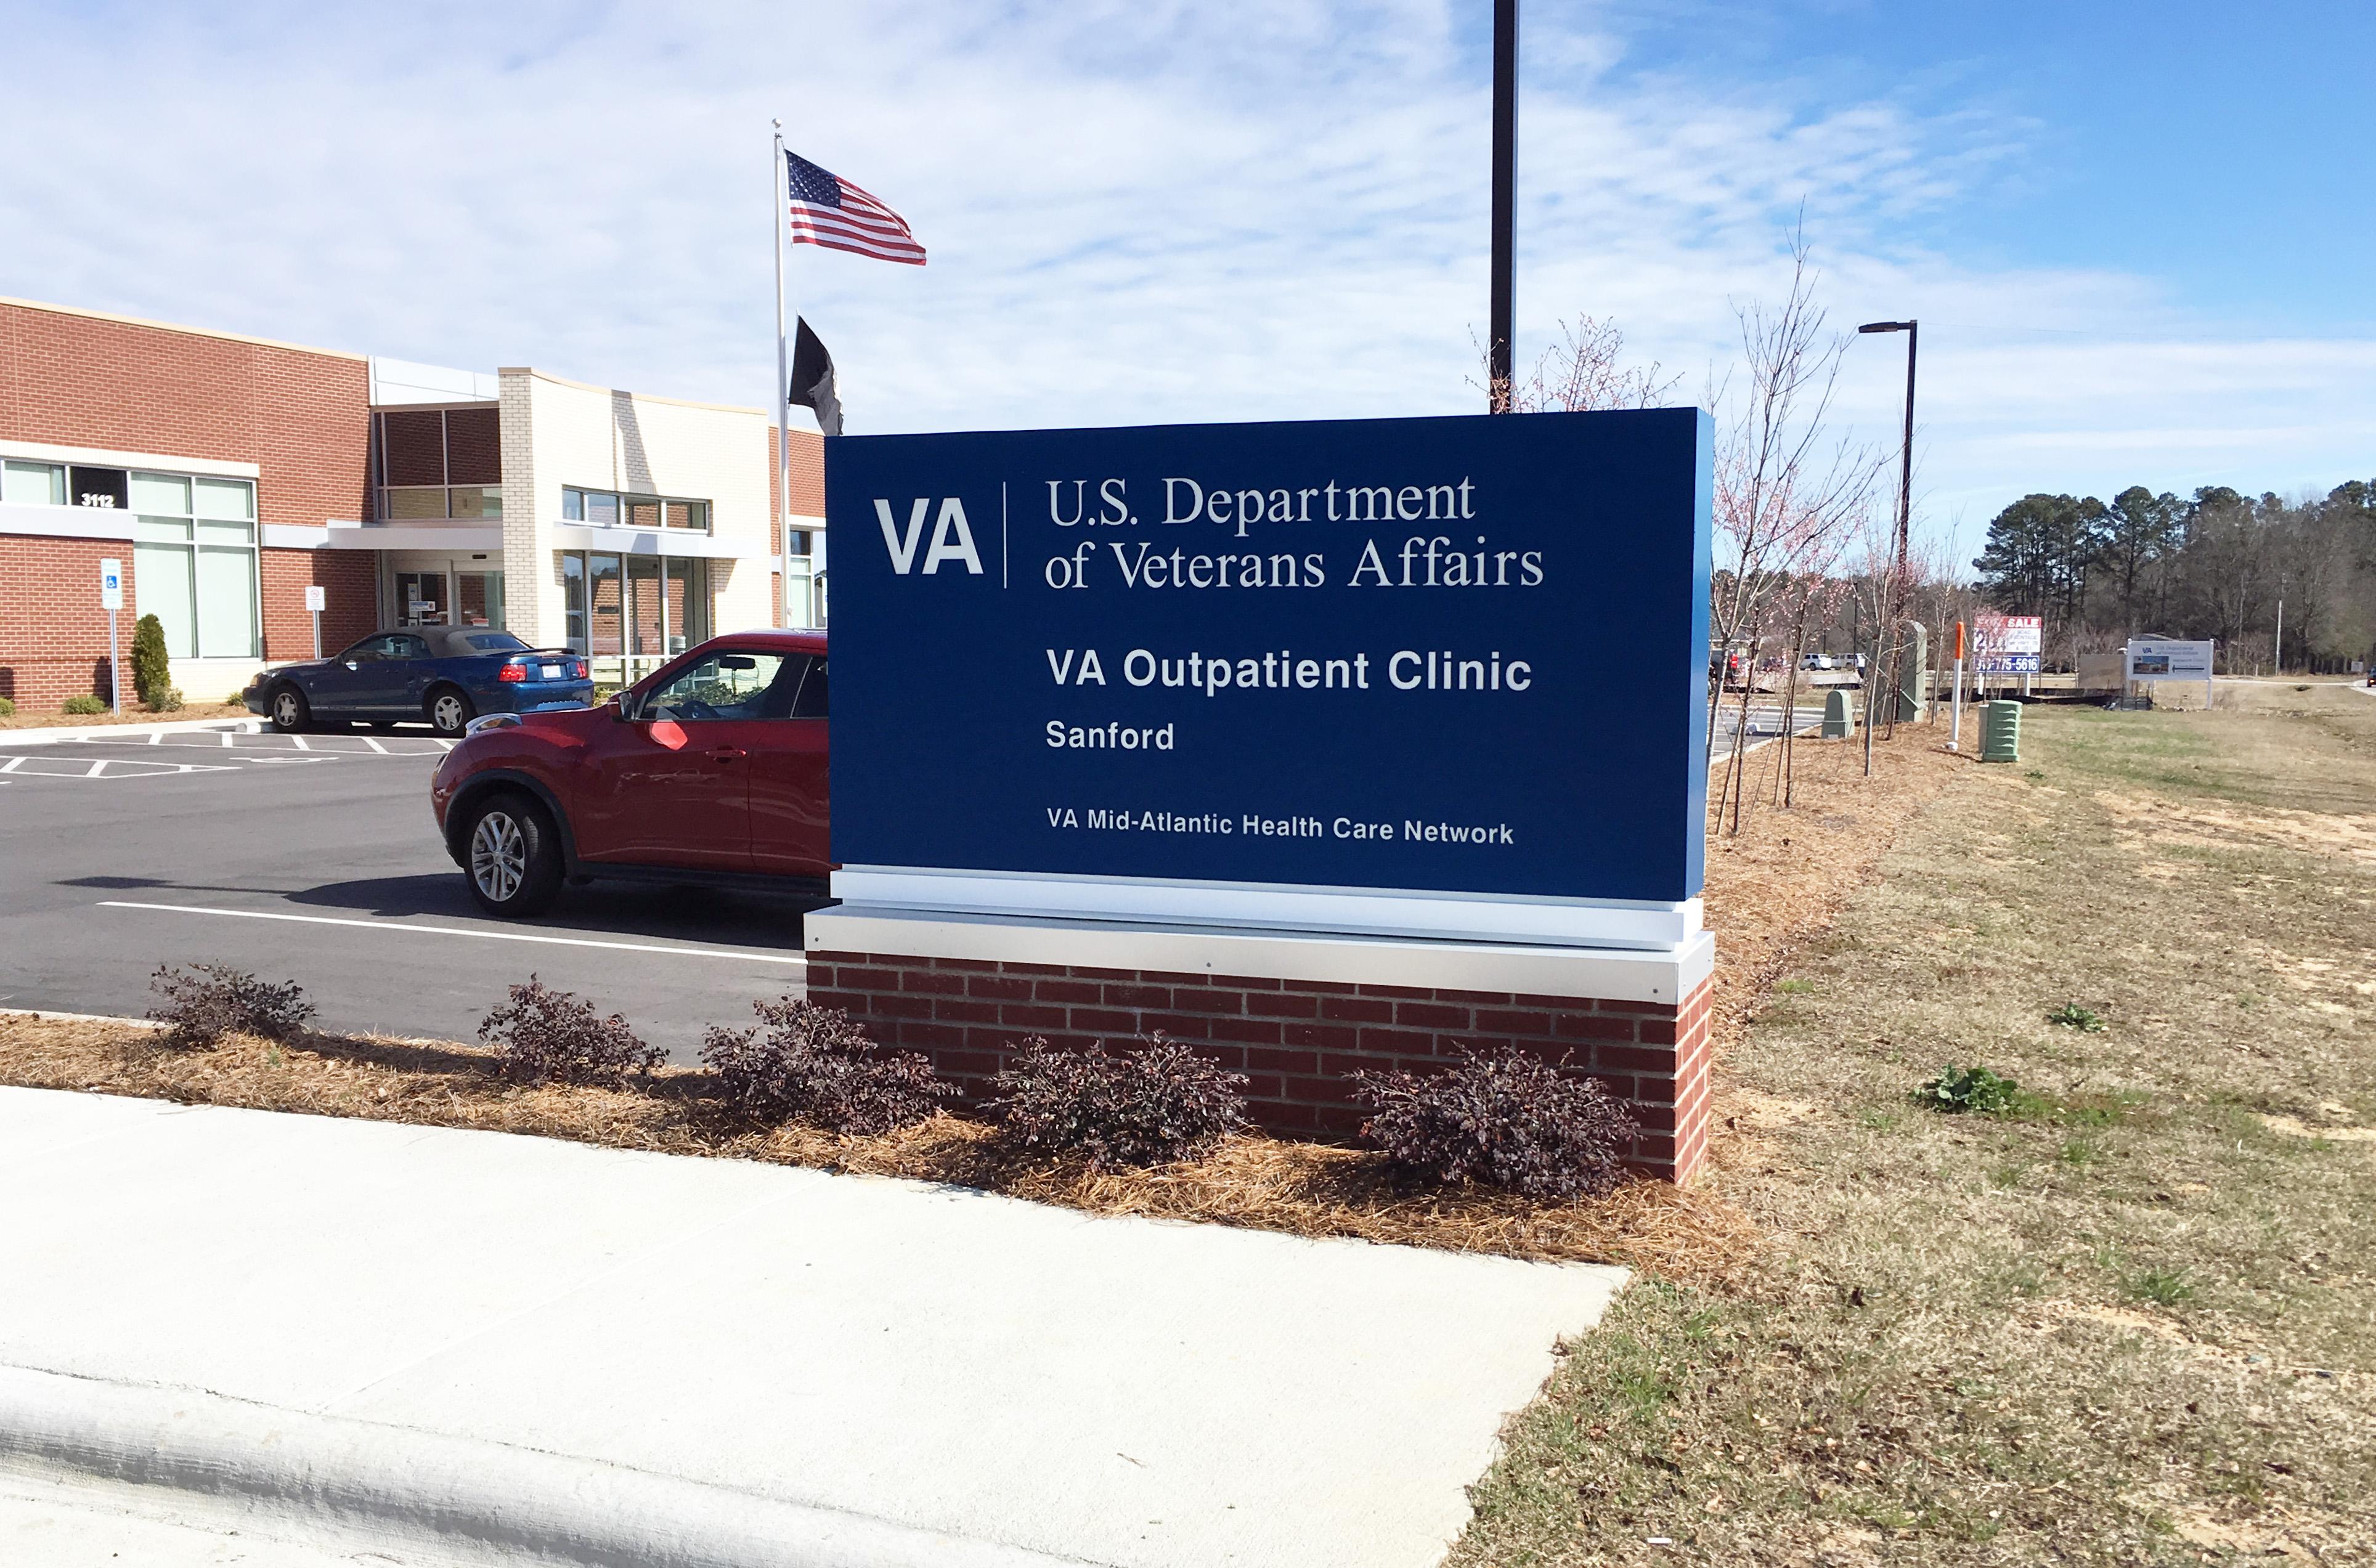 VA Outpatient Clinic - Sanford, NC - Advance Signs & Service